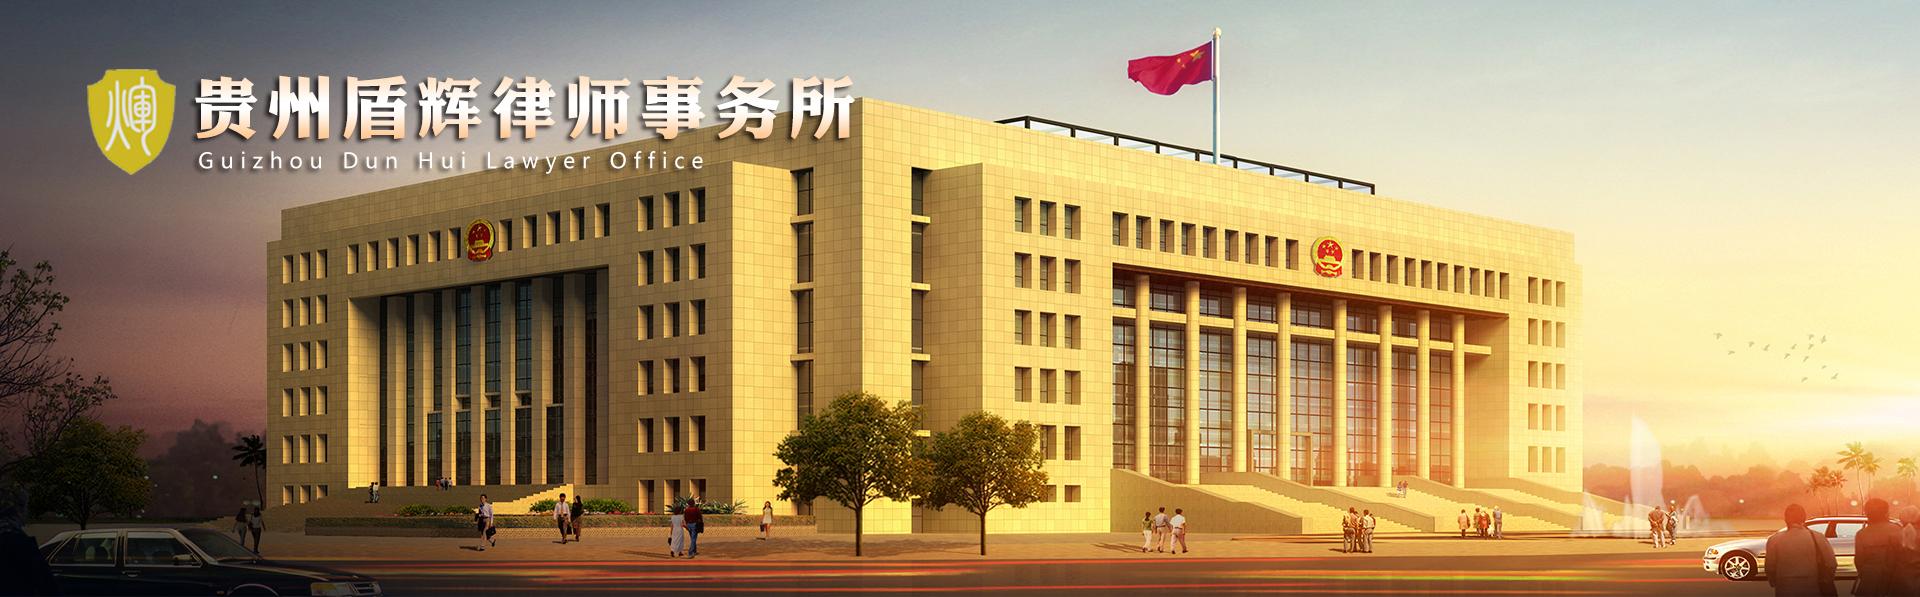 贵州盾辉律师事务所